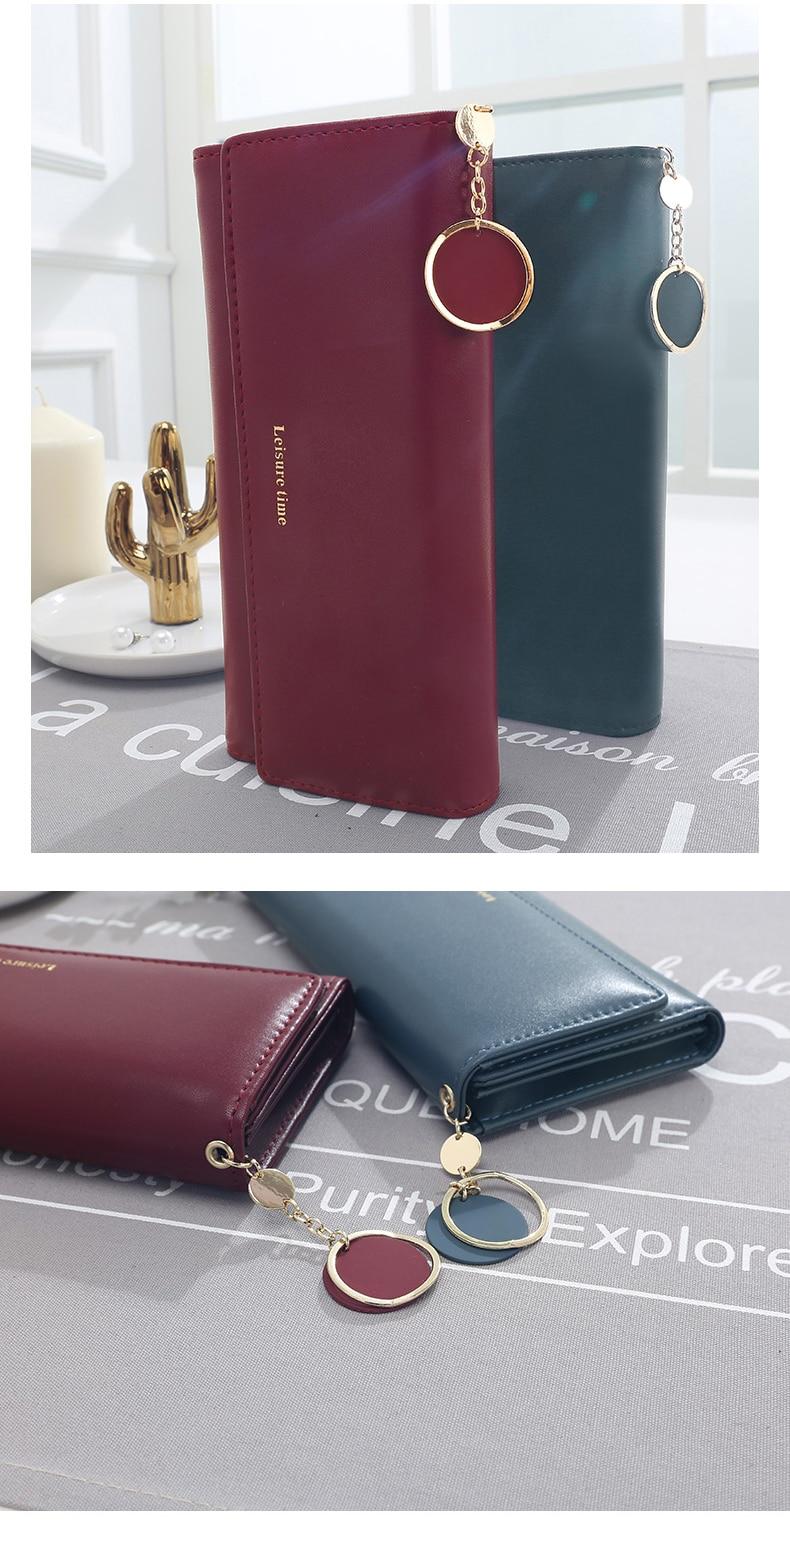 Новая мода женщин кошельки длинные многофункциональный бумажник стиль кошелек свежий искусственная кожа женский клатч визитница